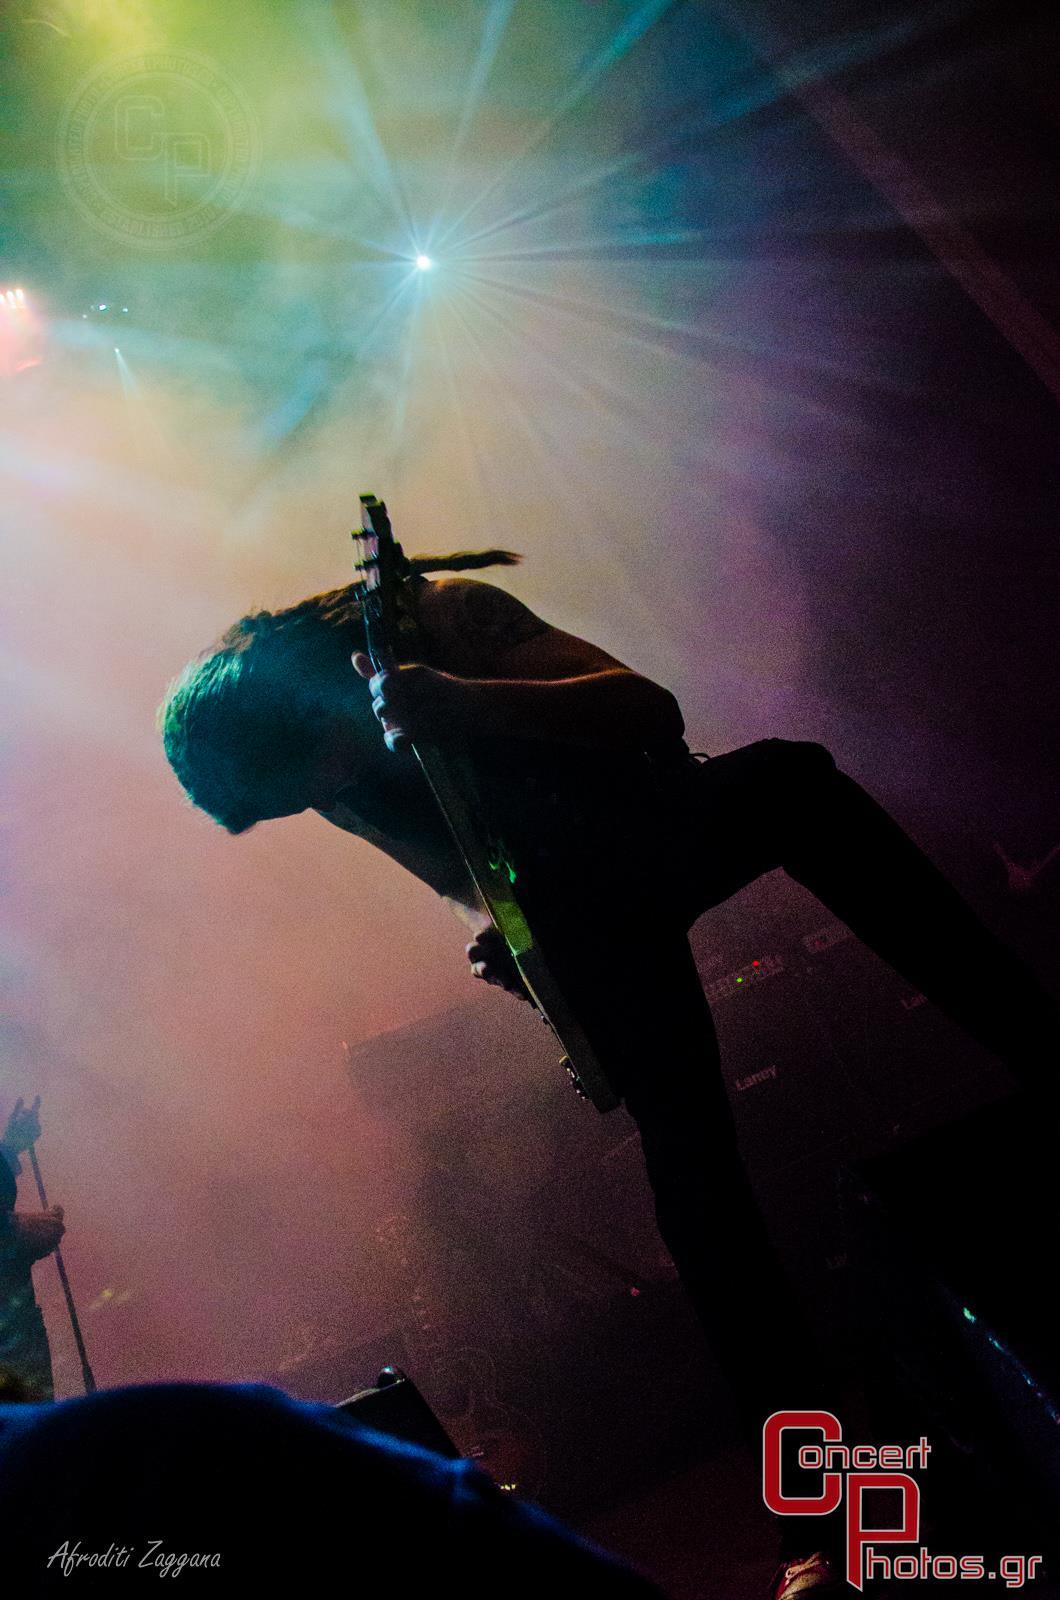 HIM-HIM photographer:  - concertphotos_20140801_21_13_27